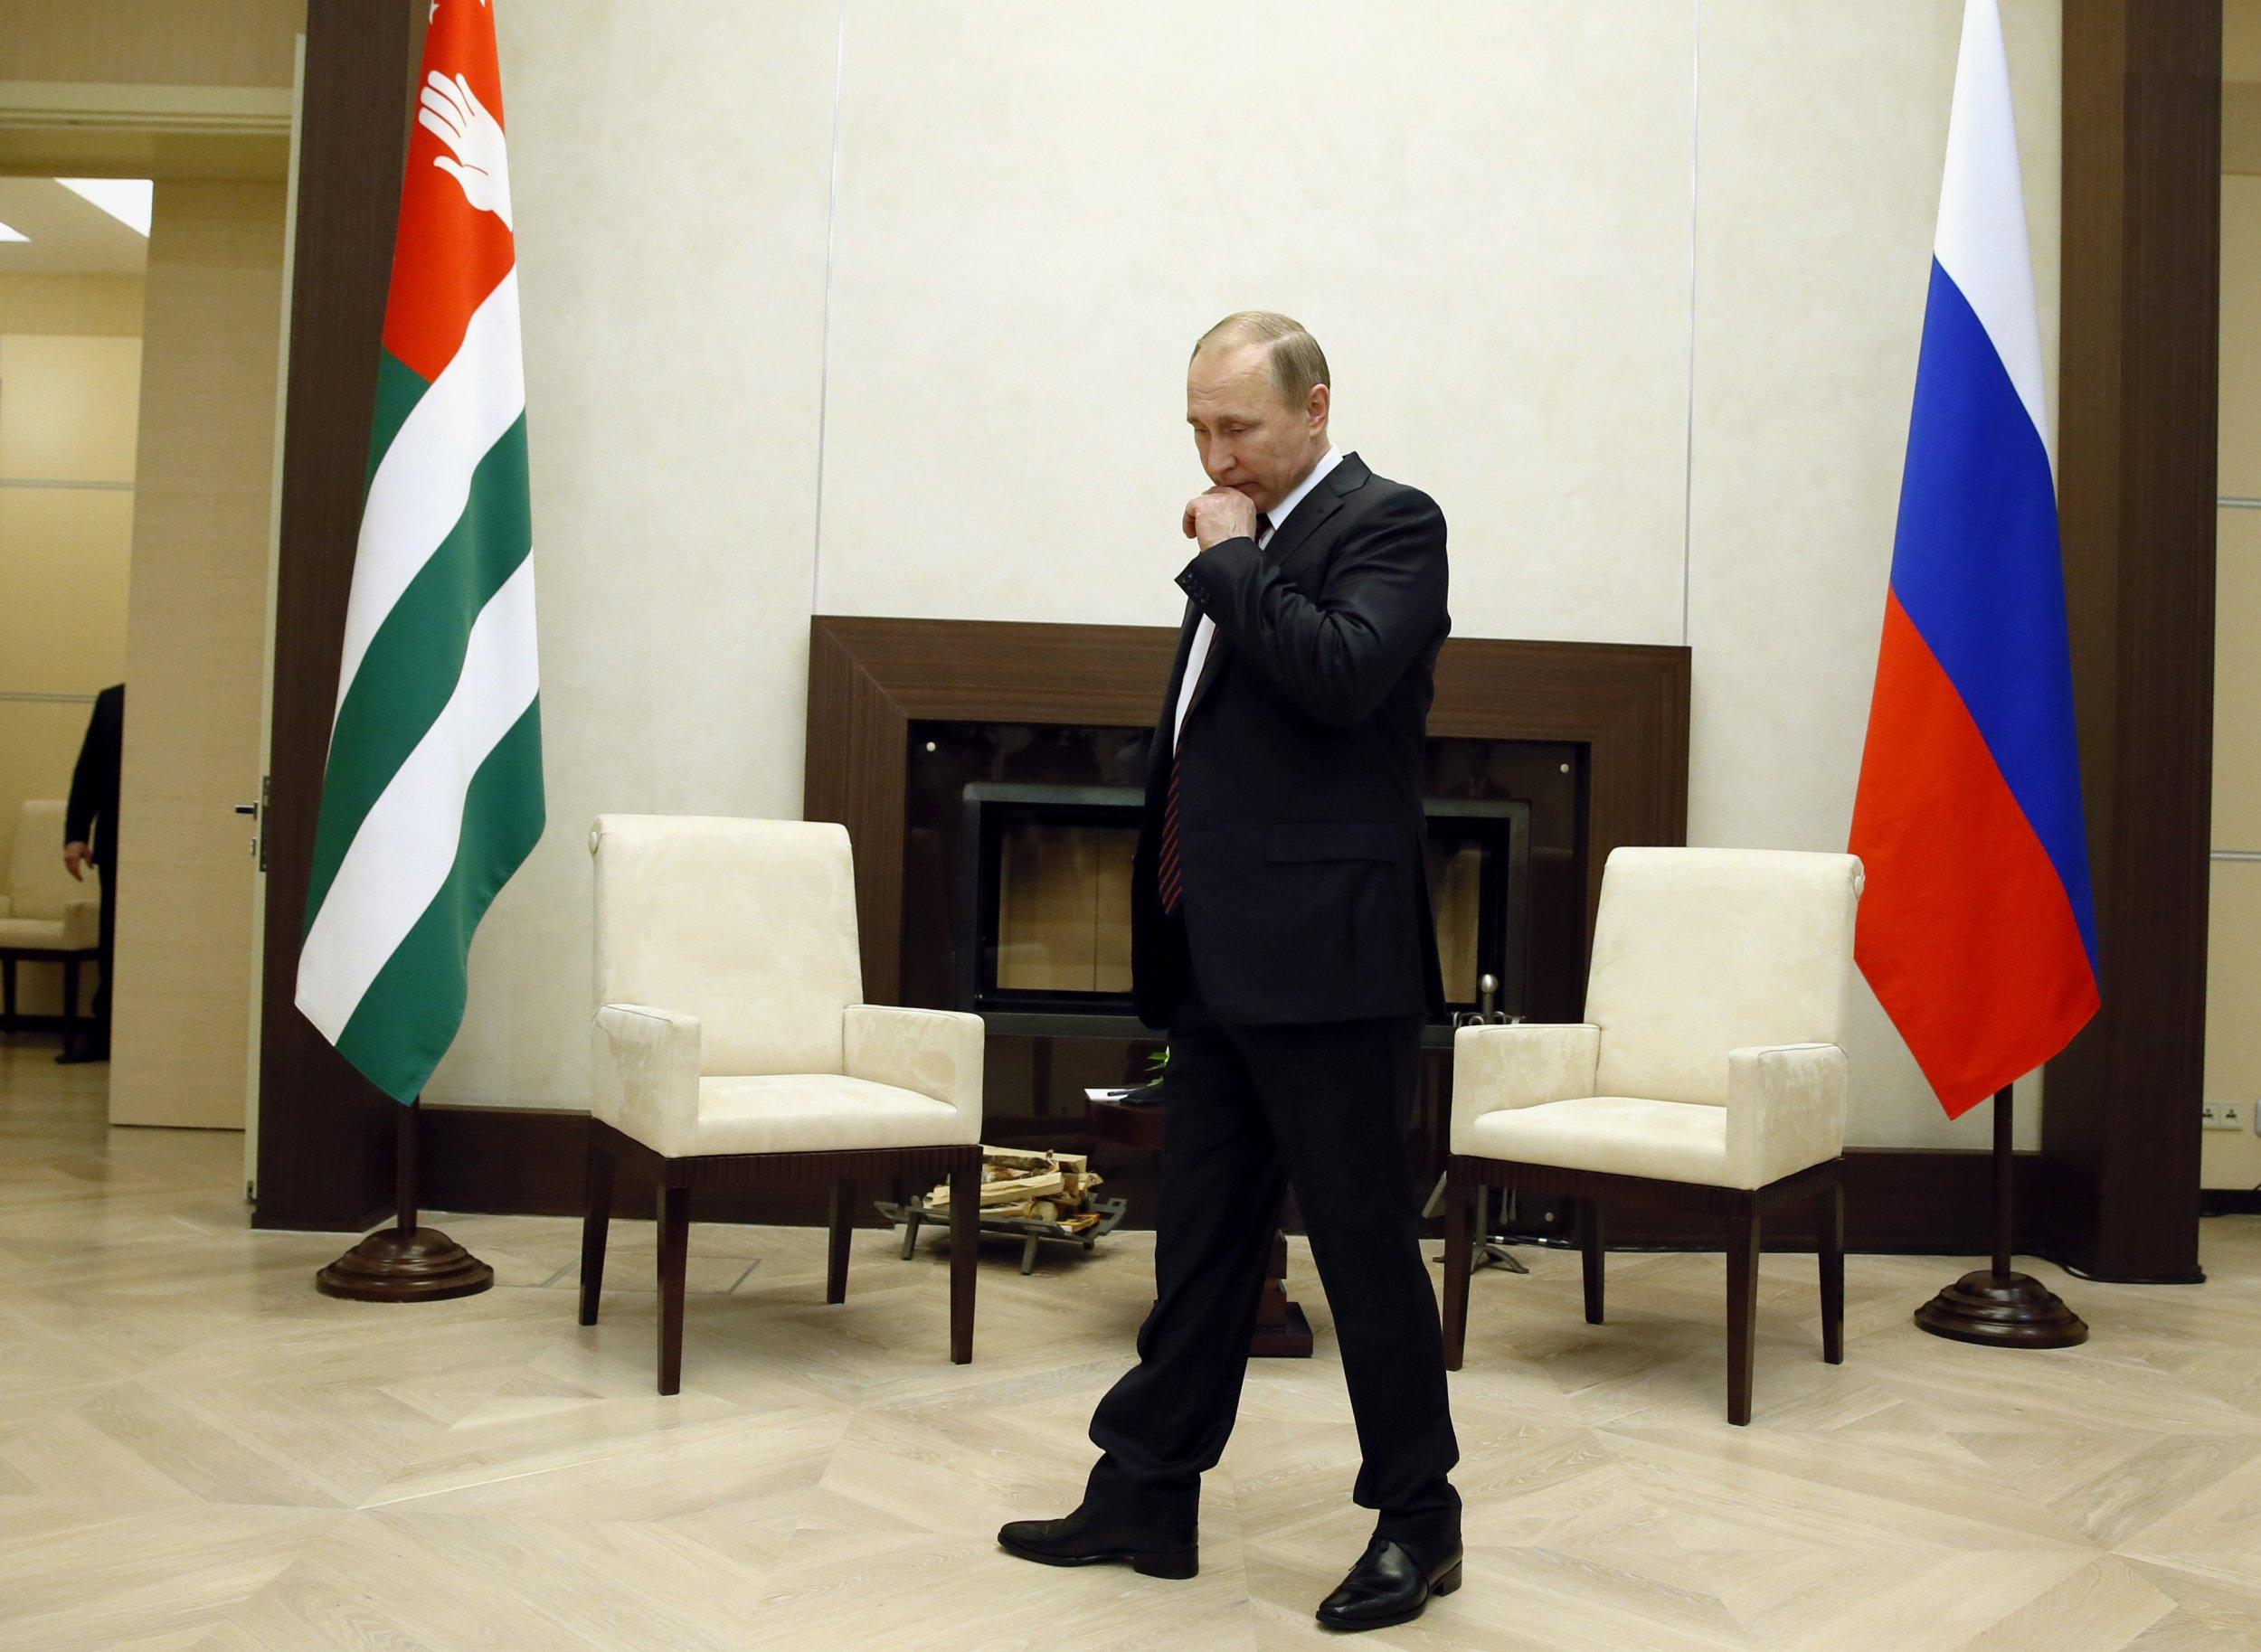 02_21_Putin_Quagmire